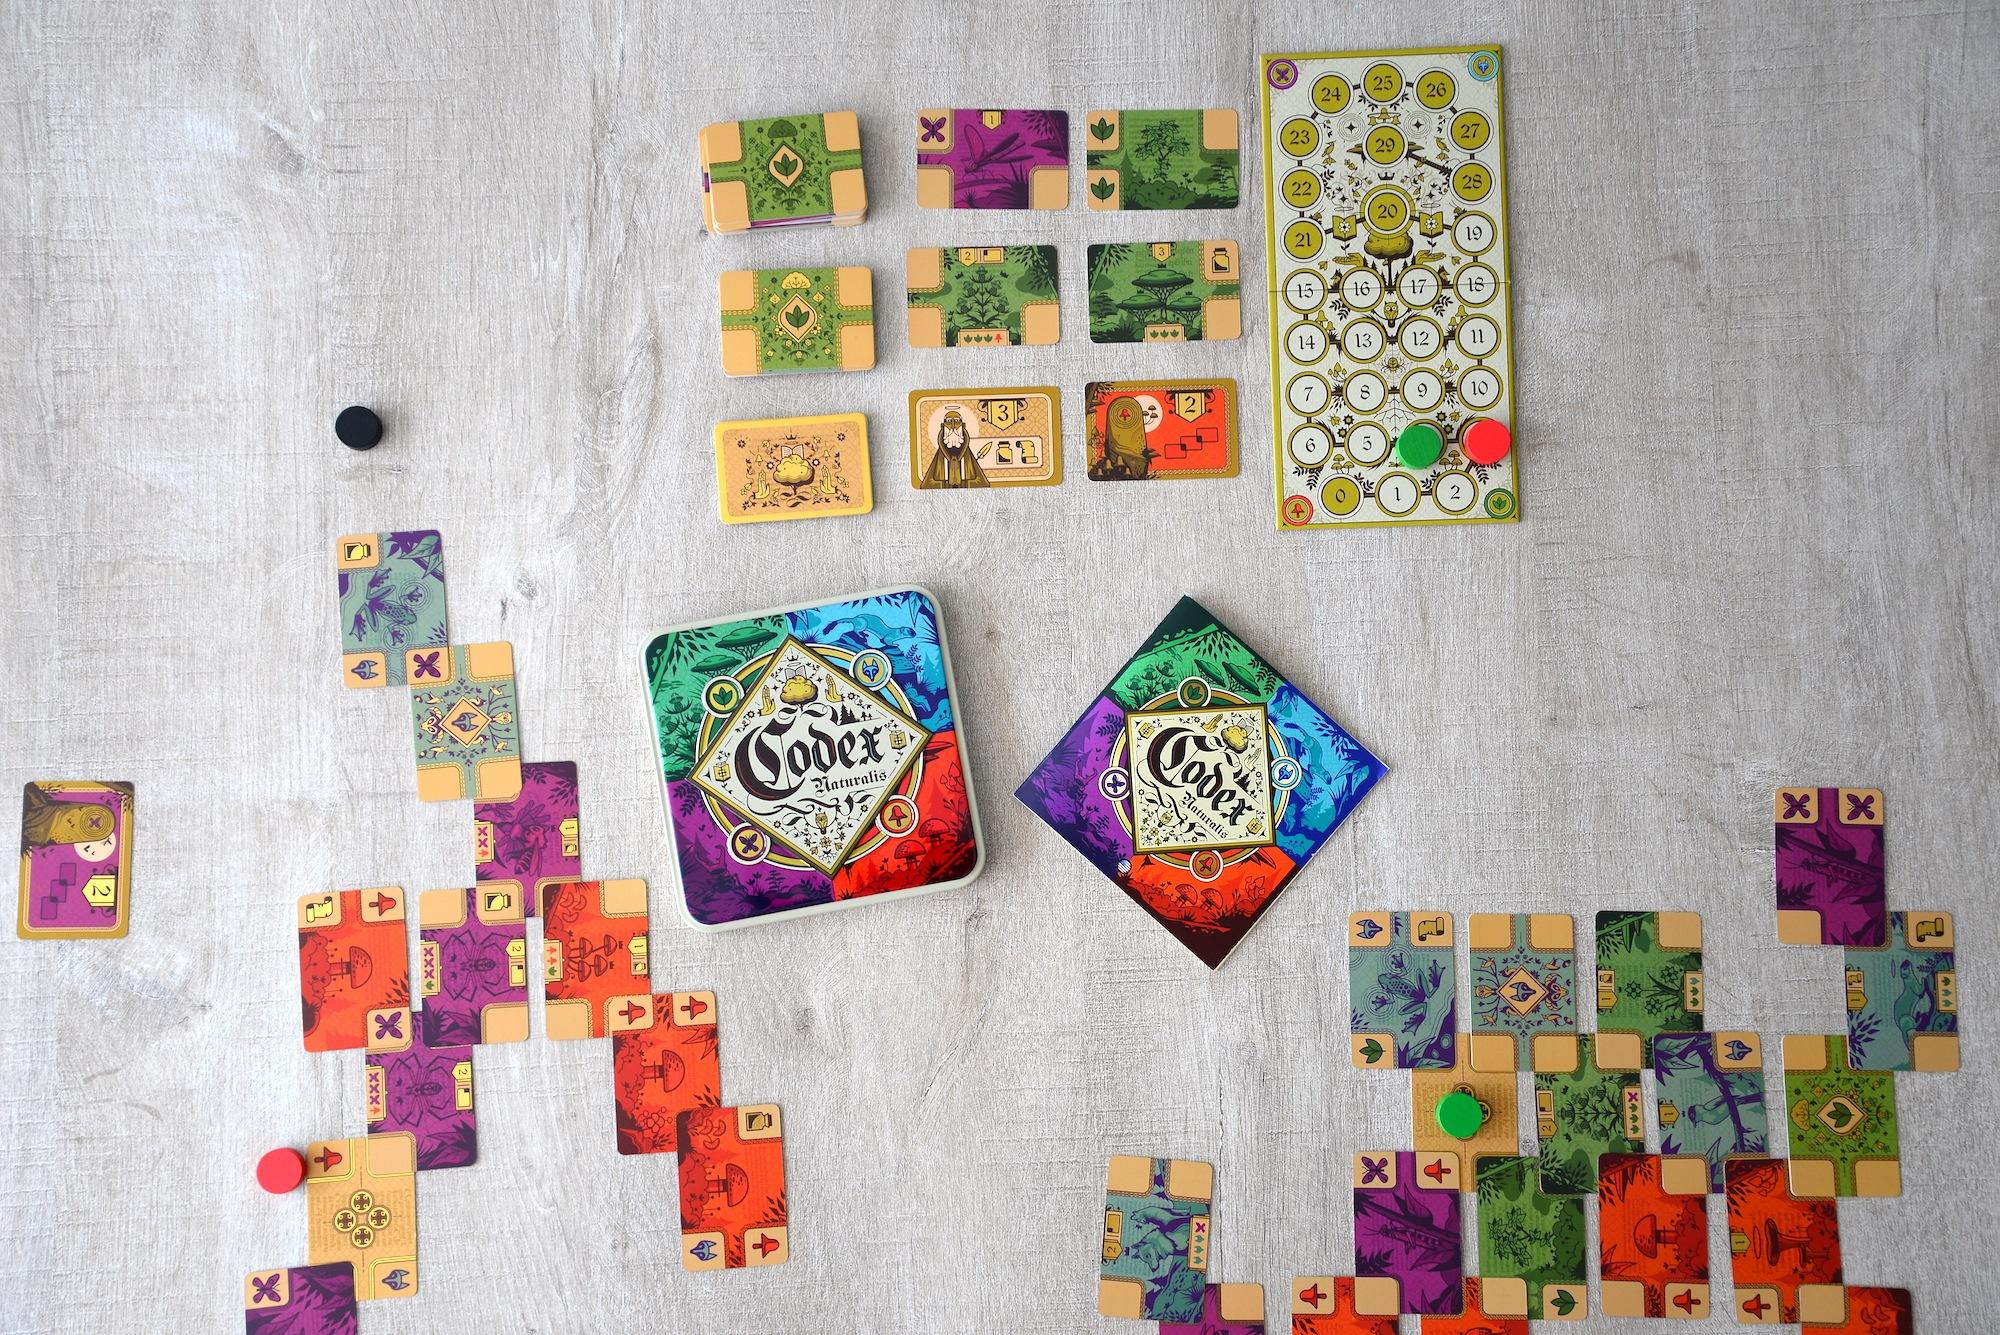 codex naturalis, jeu, bombyx, jeu de réflexion, test, avis